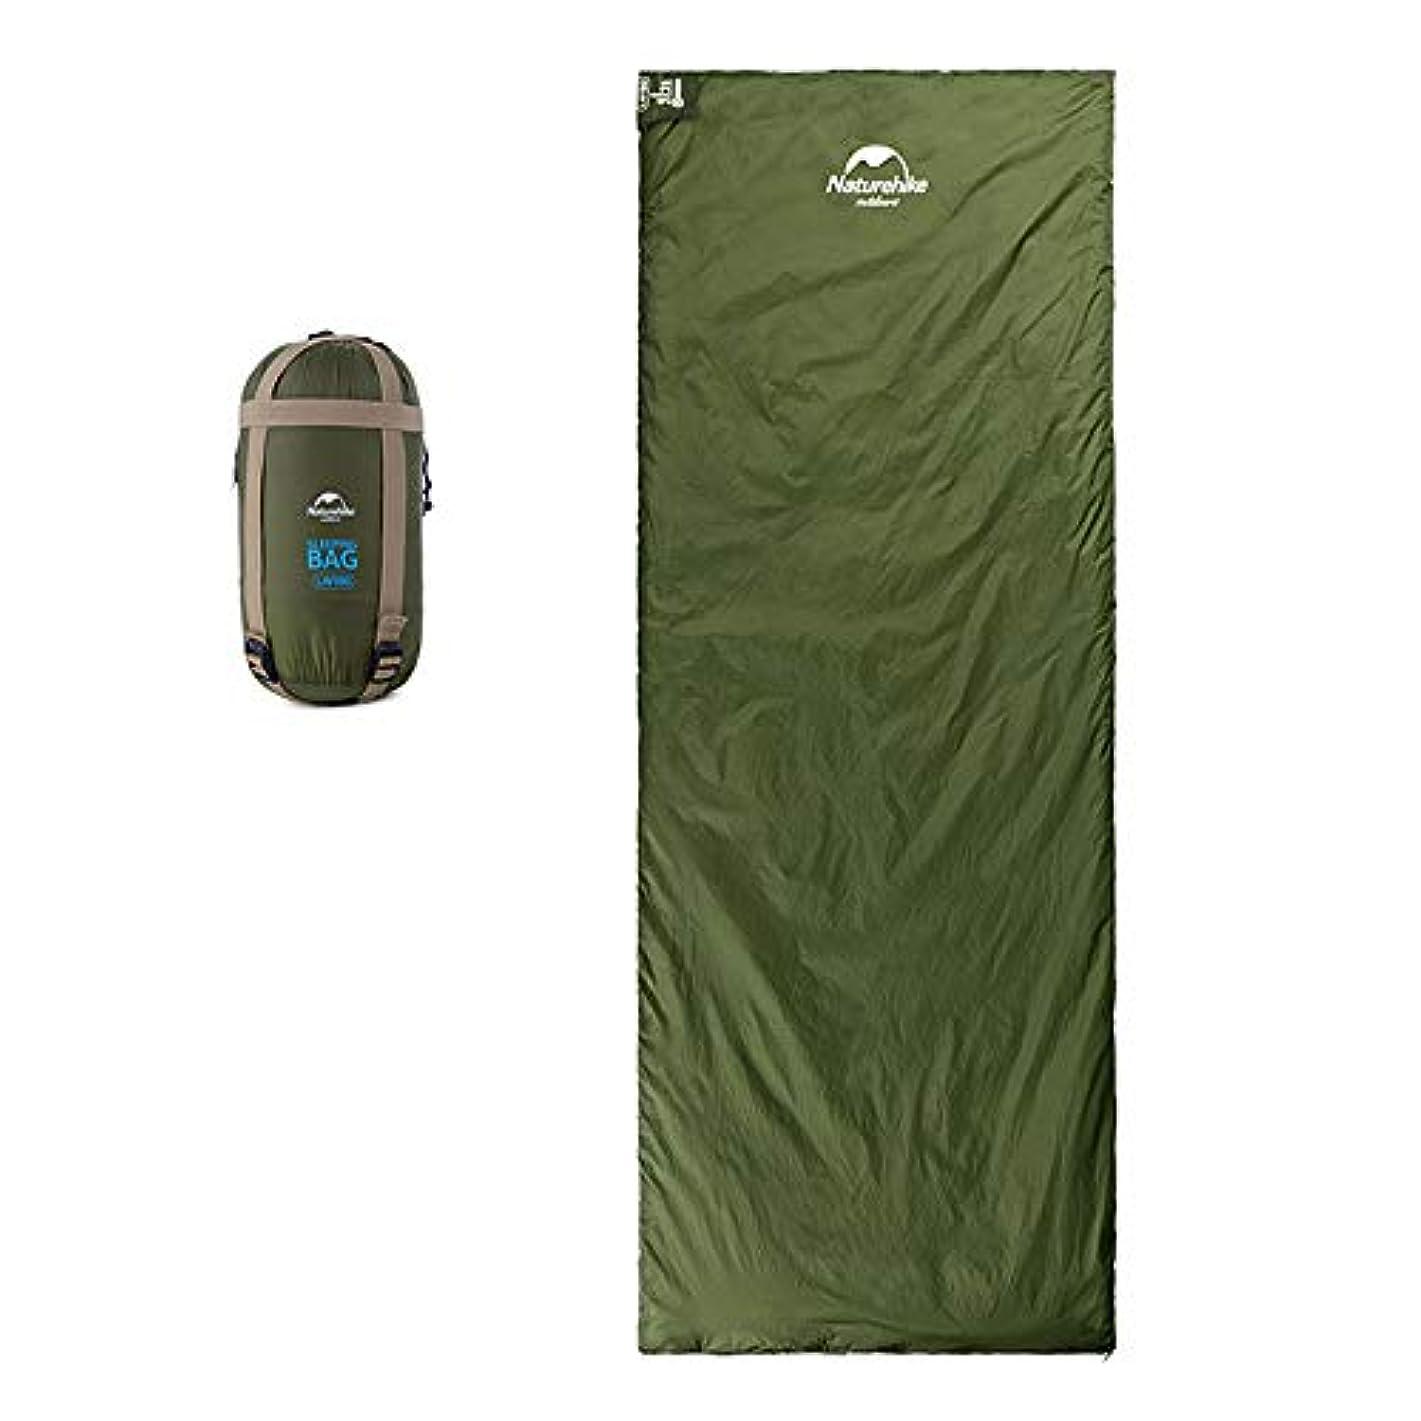 論理的アブストラクト含意屋外キャンプ用寝袋、 柔らかく快適な シルクコットン素材大人の封筒寝袋、 防水ナイロンバックパック寝袋、 ミニポータブル超軽量寝袋、 圧縮バッグを送る